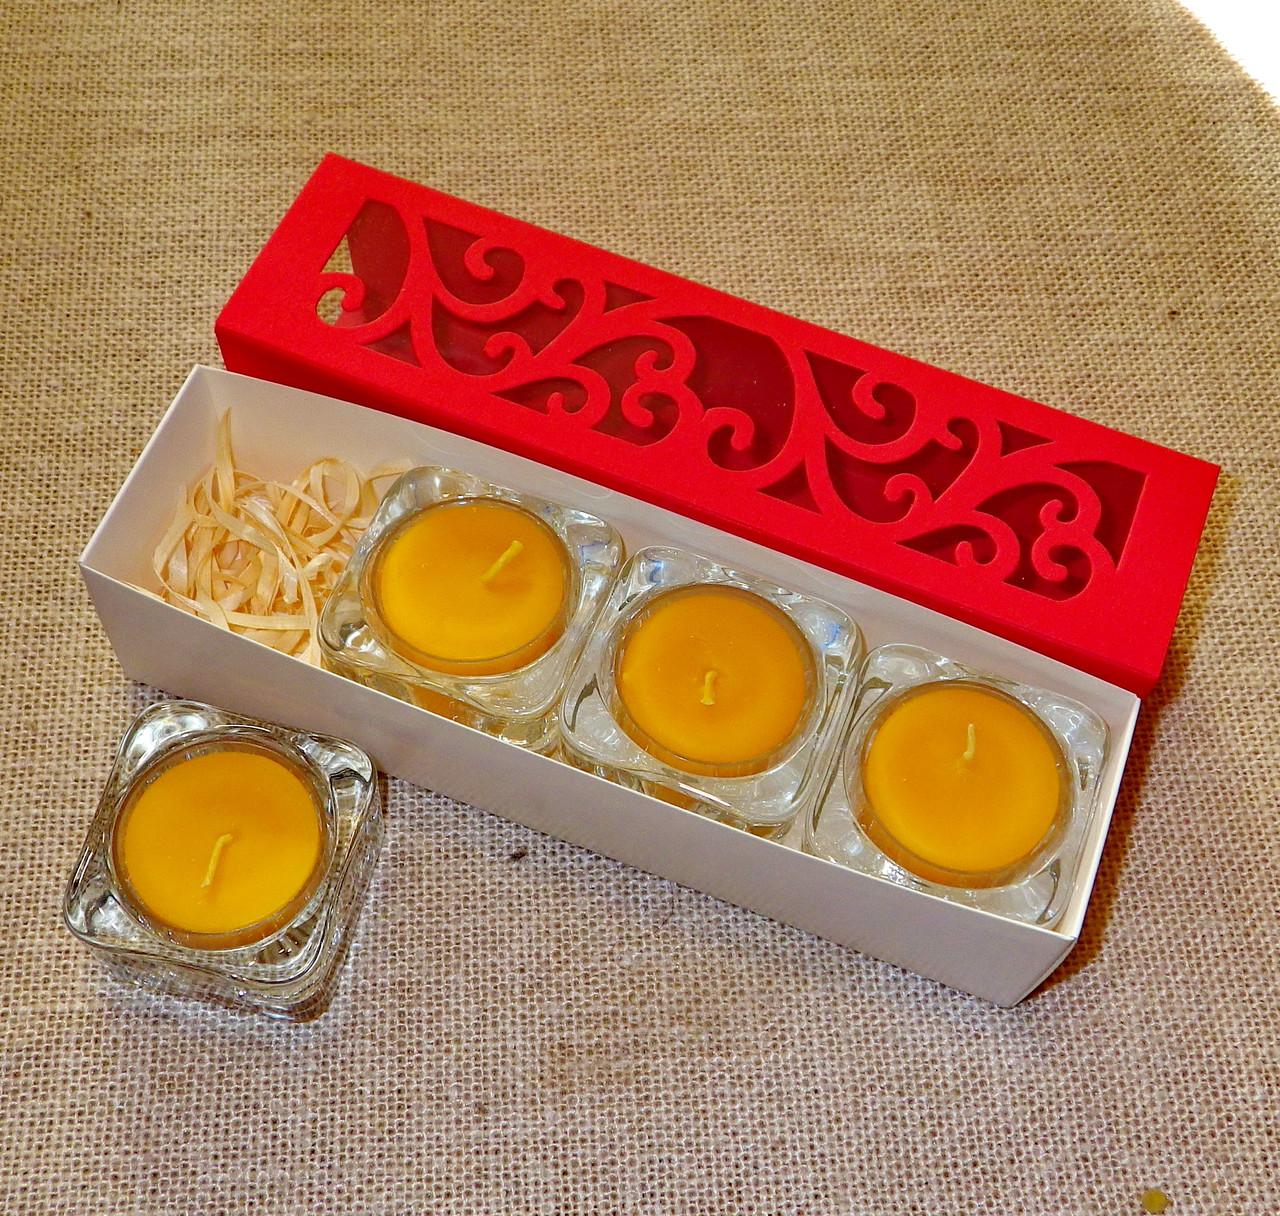 Набор 4 стеклянных подсвечников с 4 прозрачными восковыми чайными свечами 24г в Красной Коробке